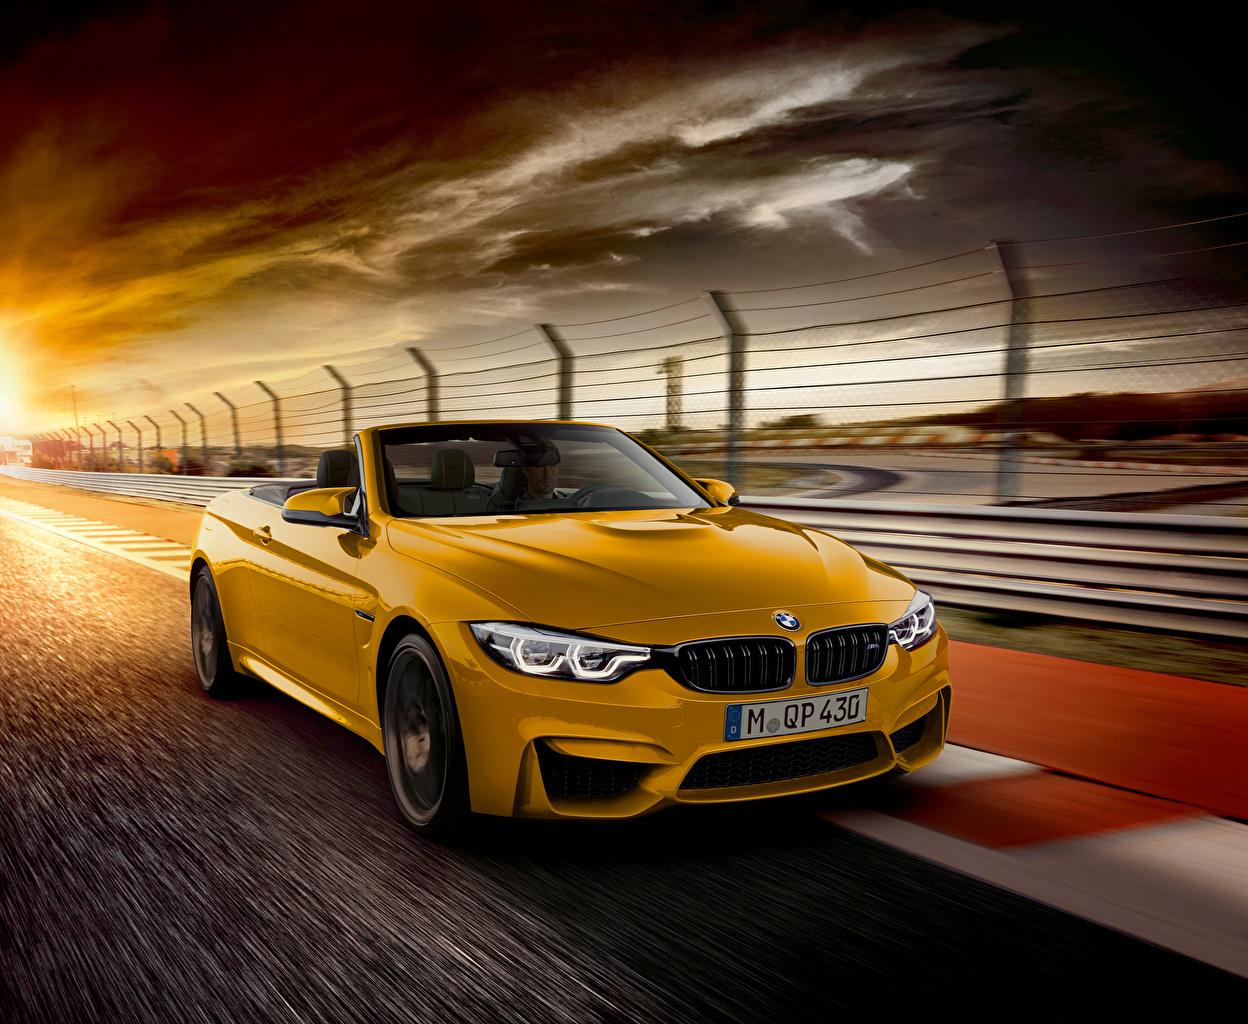 Картинка БМВ 2018 M4 Cabrio  30 Jahre Edition Worldwide кабриолета желтая едет Металлик автомобиль BMW Кабриолет желтых желтые Желтый едущий едущая скорость Движение авто машина машины Автомобили